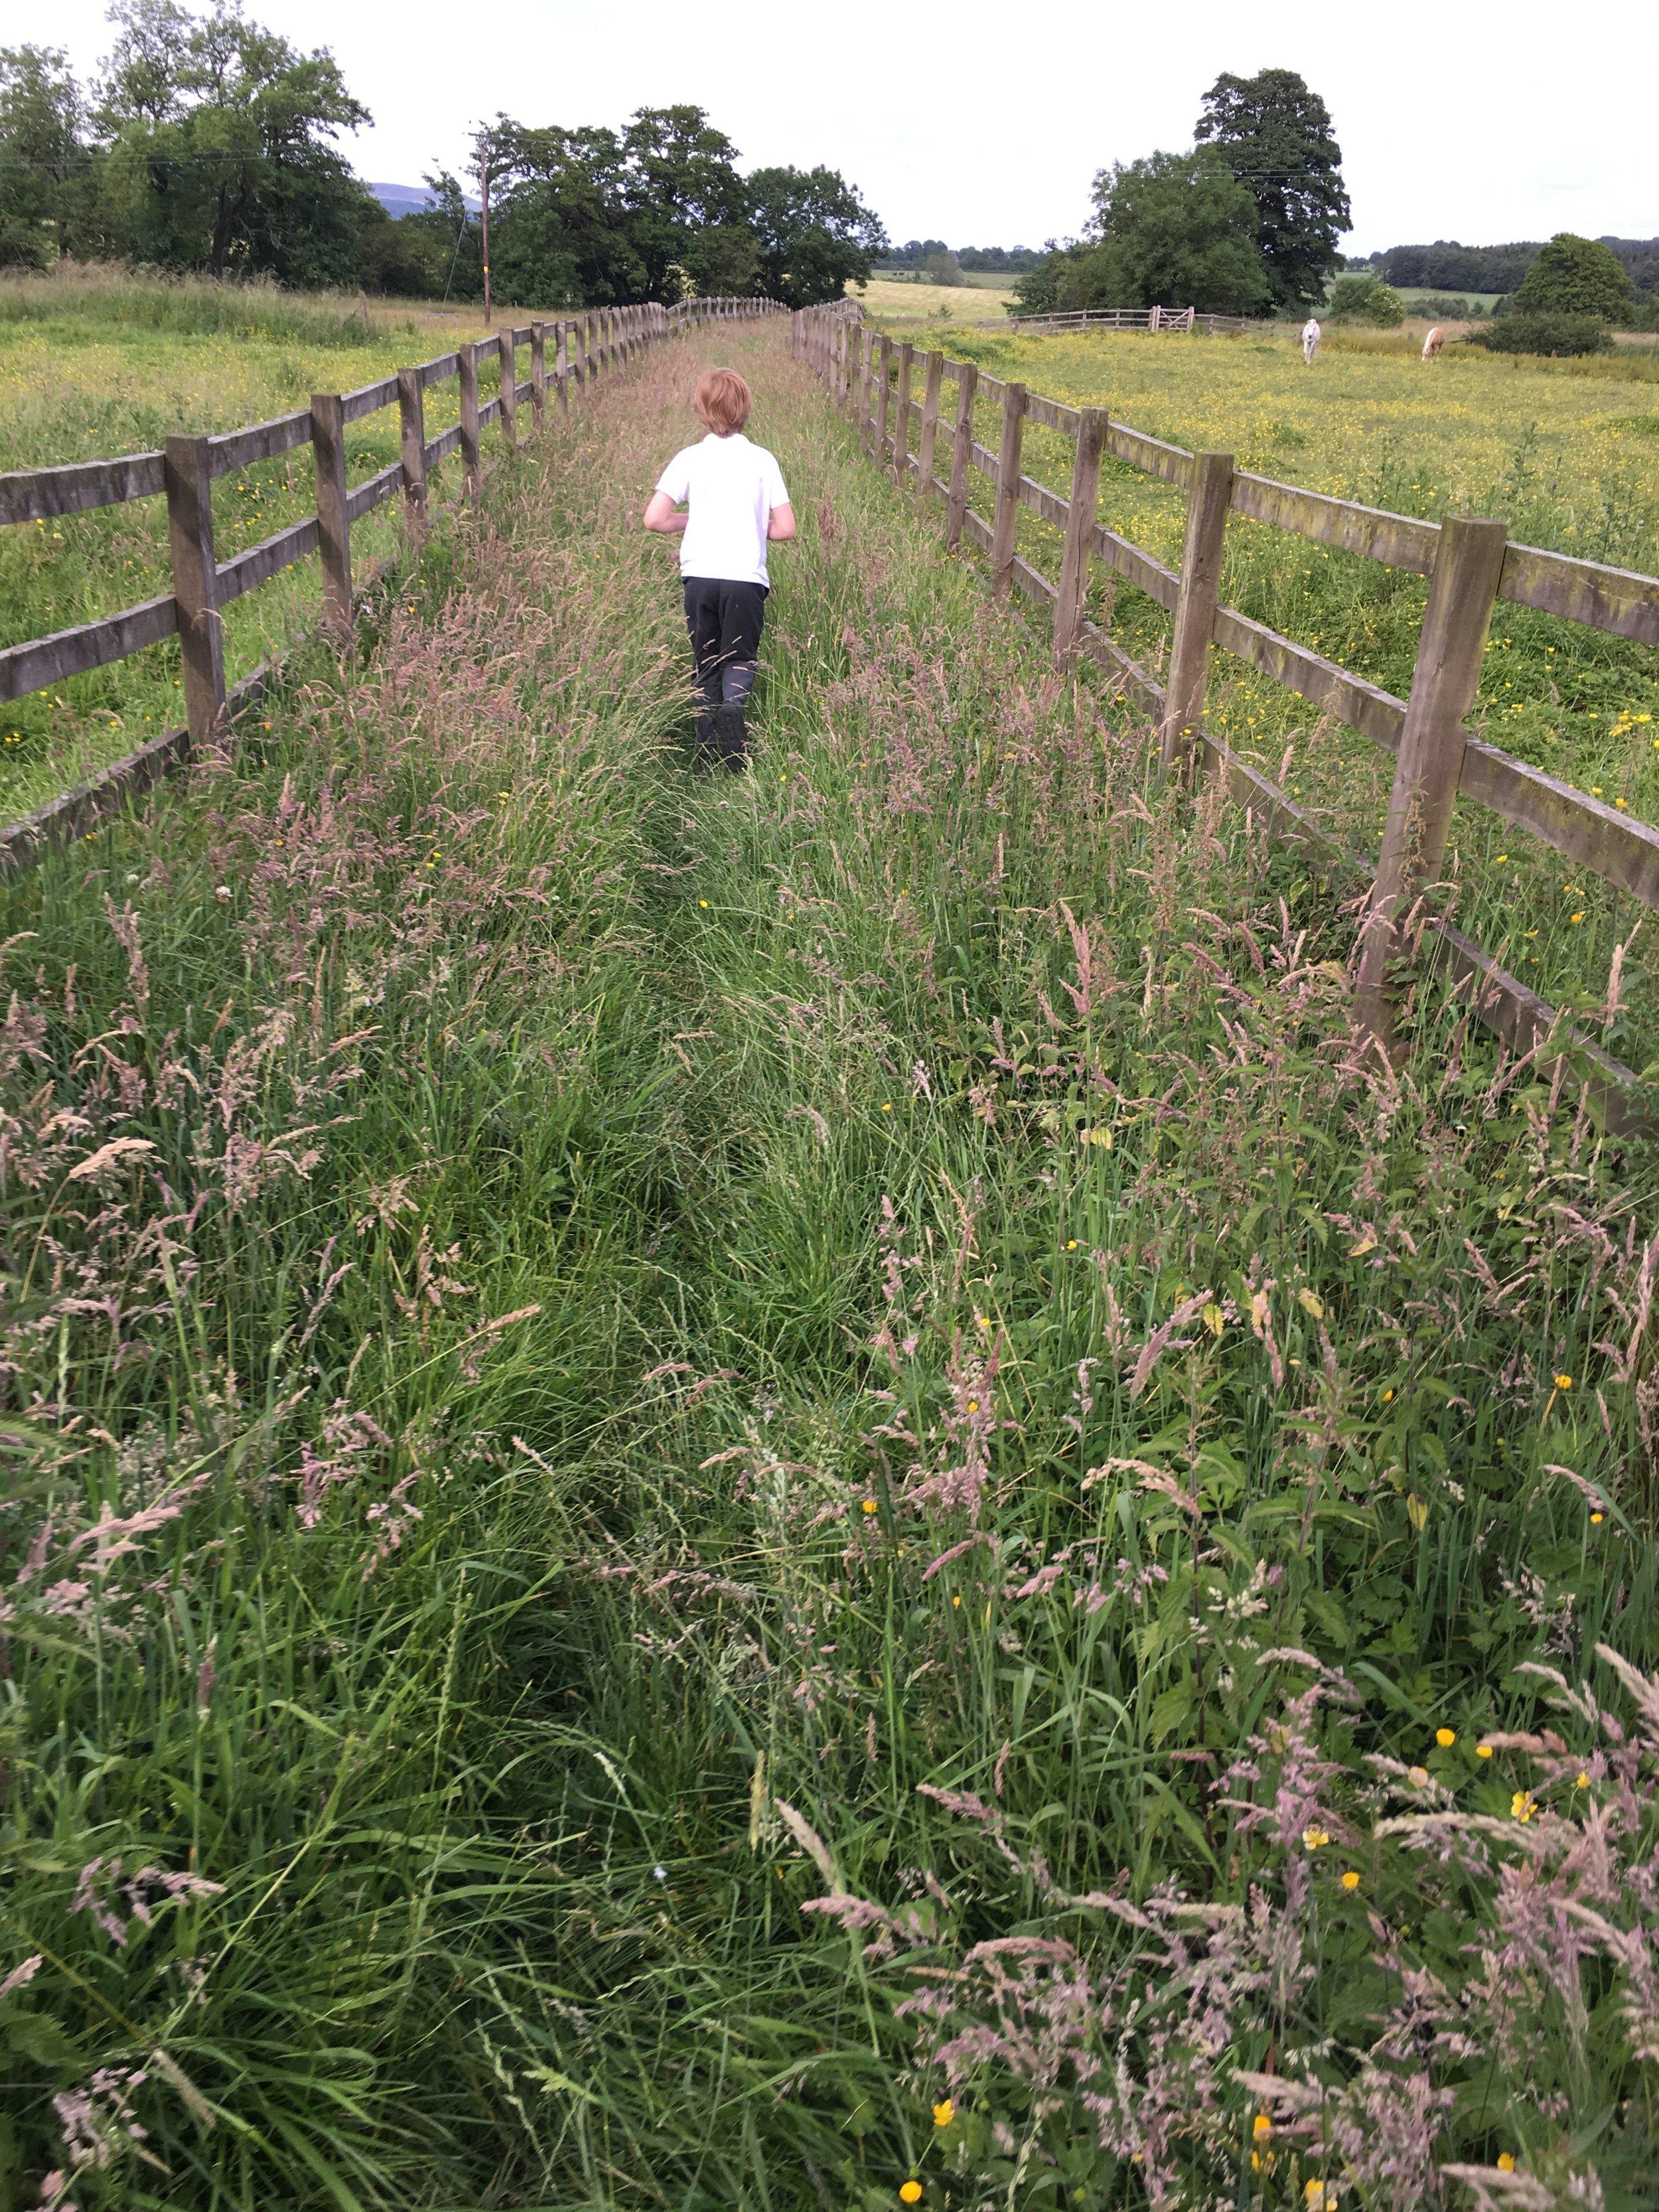 Arthur guiding me through the pastures.